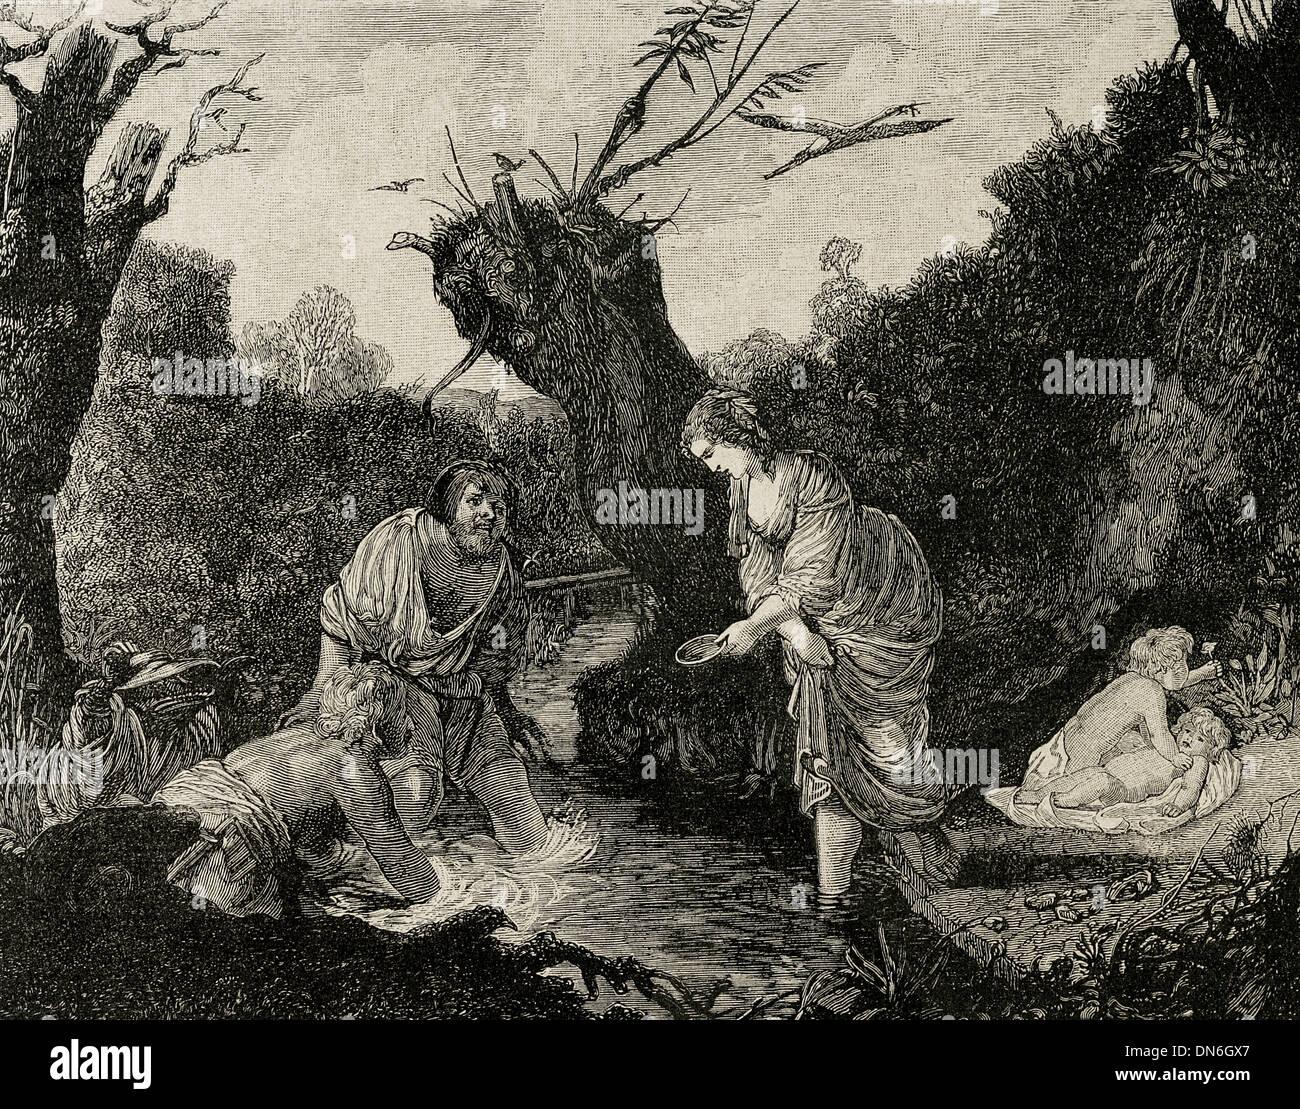 La mythologie classique. Leto avec ses fils jumeaux Apollon et Artémis. Gravure dans la péninsule ibérique, l'Illustration, 1885 Photo Stock